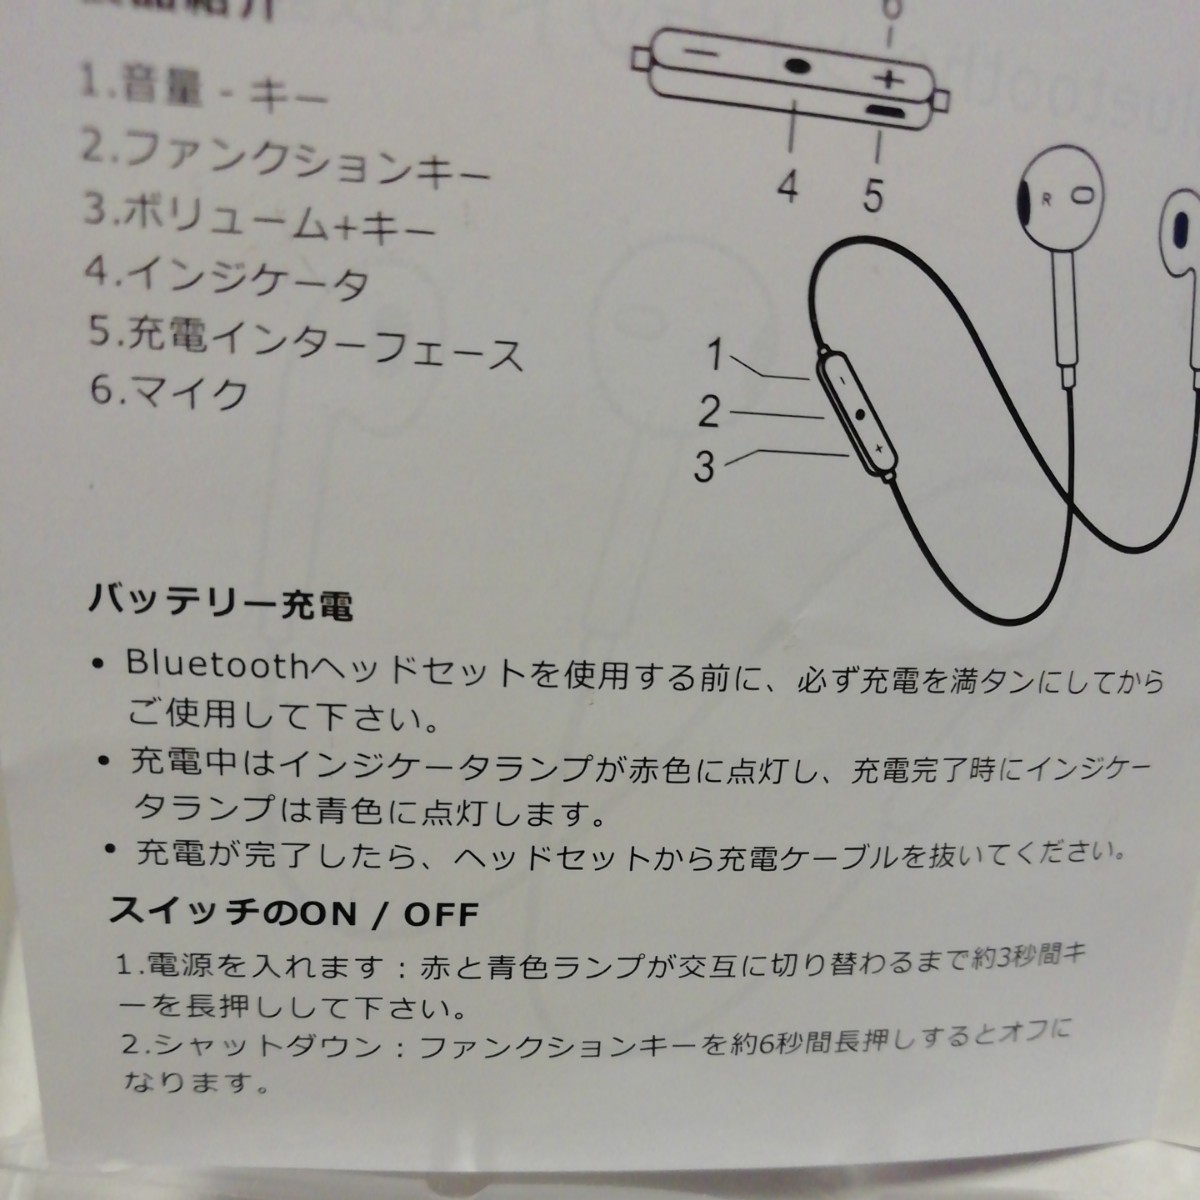 Bluetoothワイヤレスイヤホン・マイク